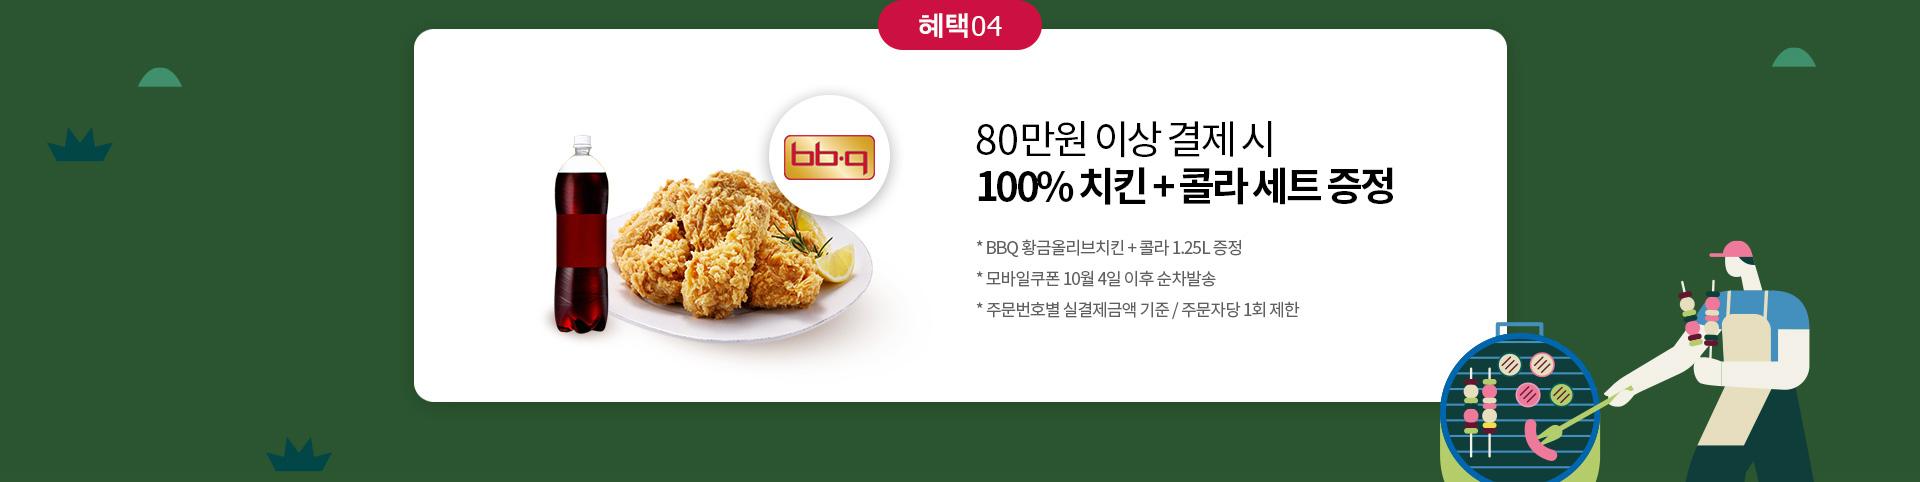 80만원 이상 결제 시 100%치킨+콜라세트증정